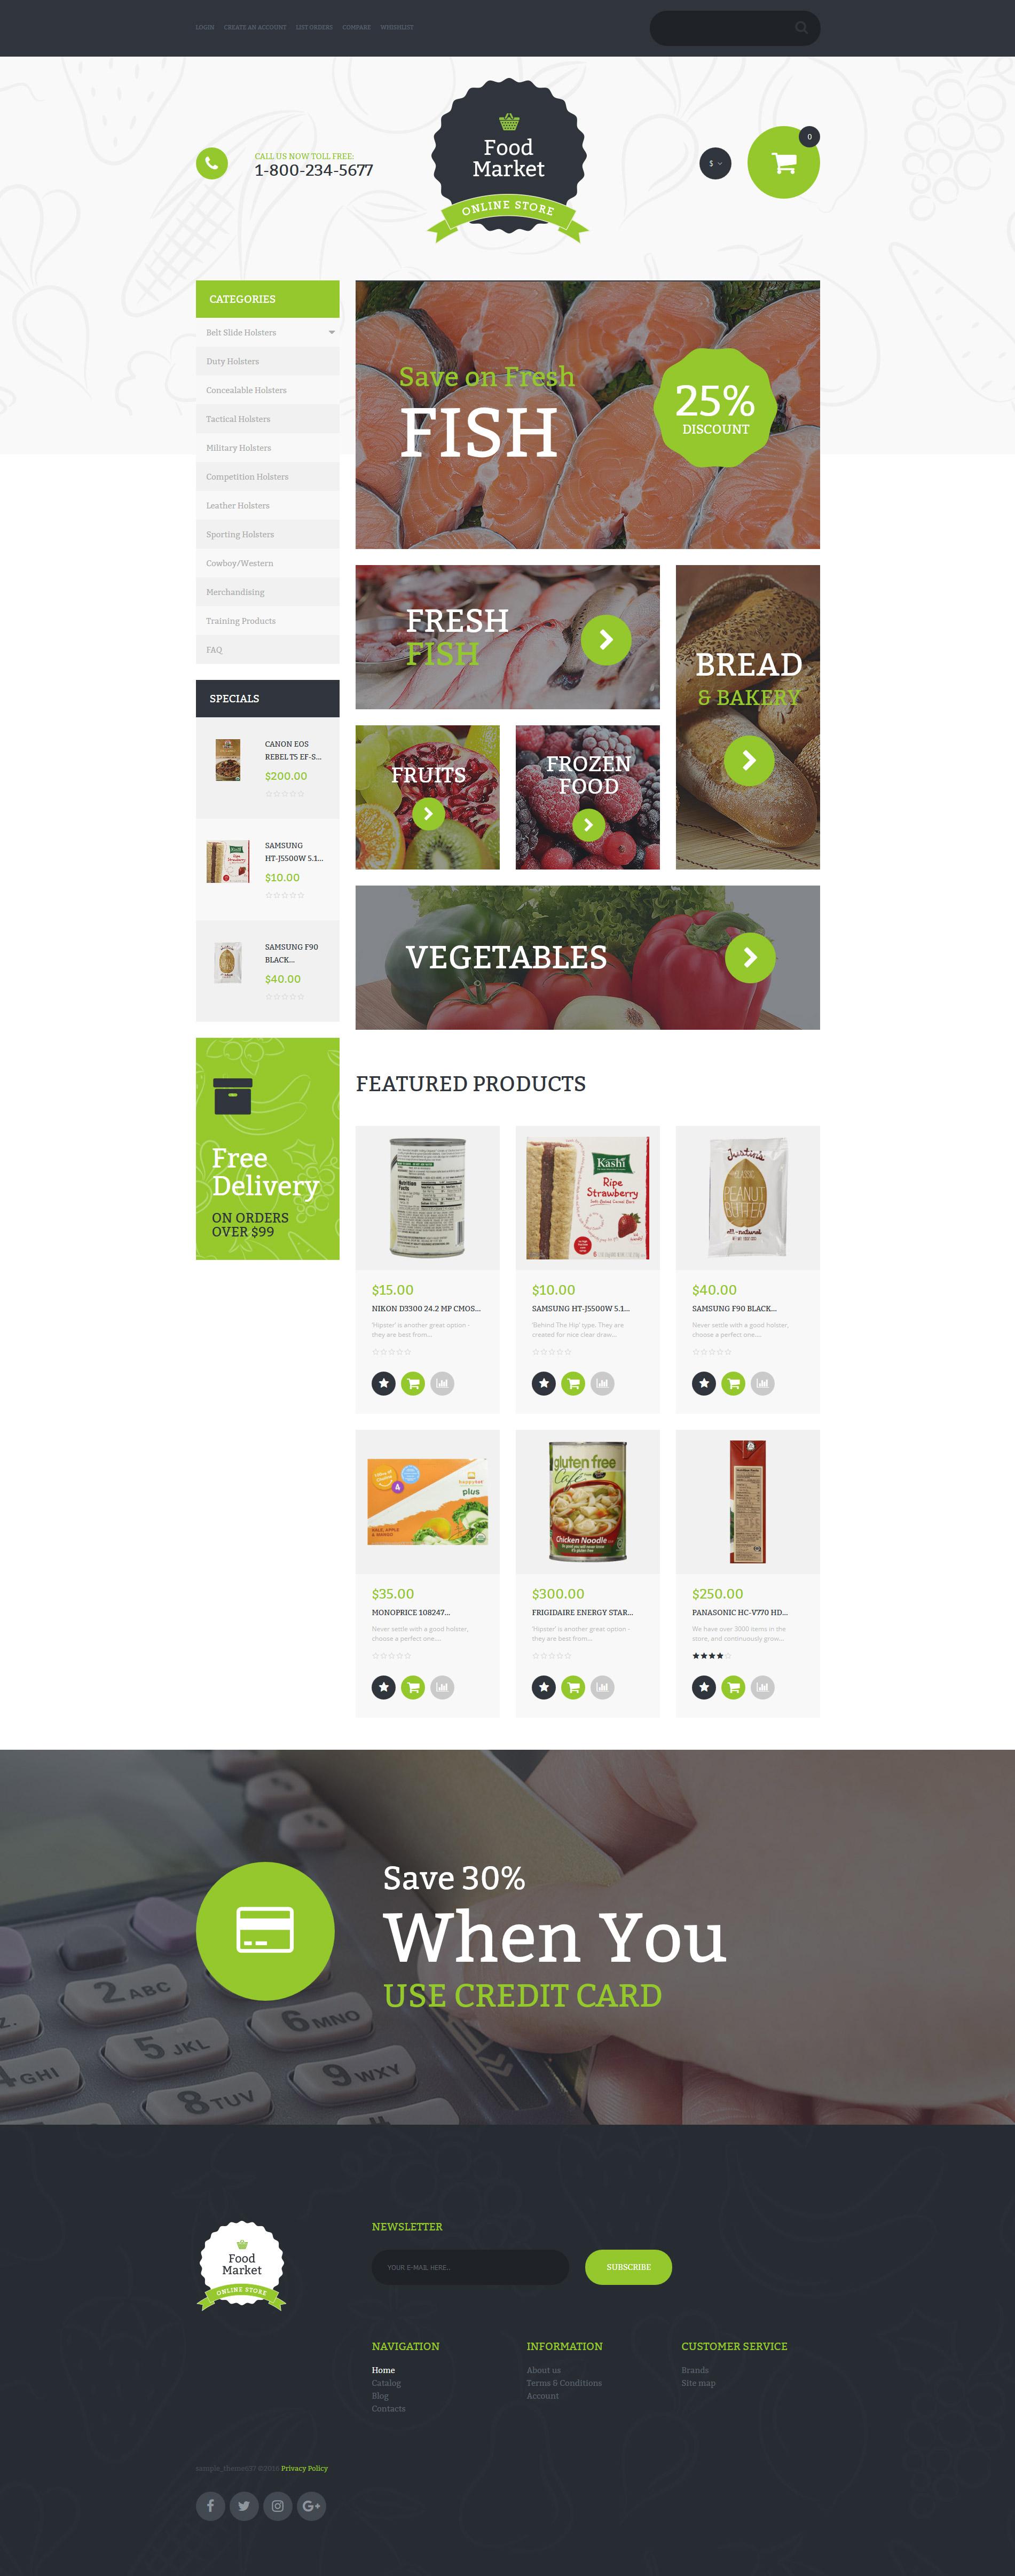 Food Market VirtueMart sablon 58876 - képernyőkép